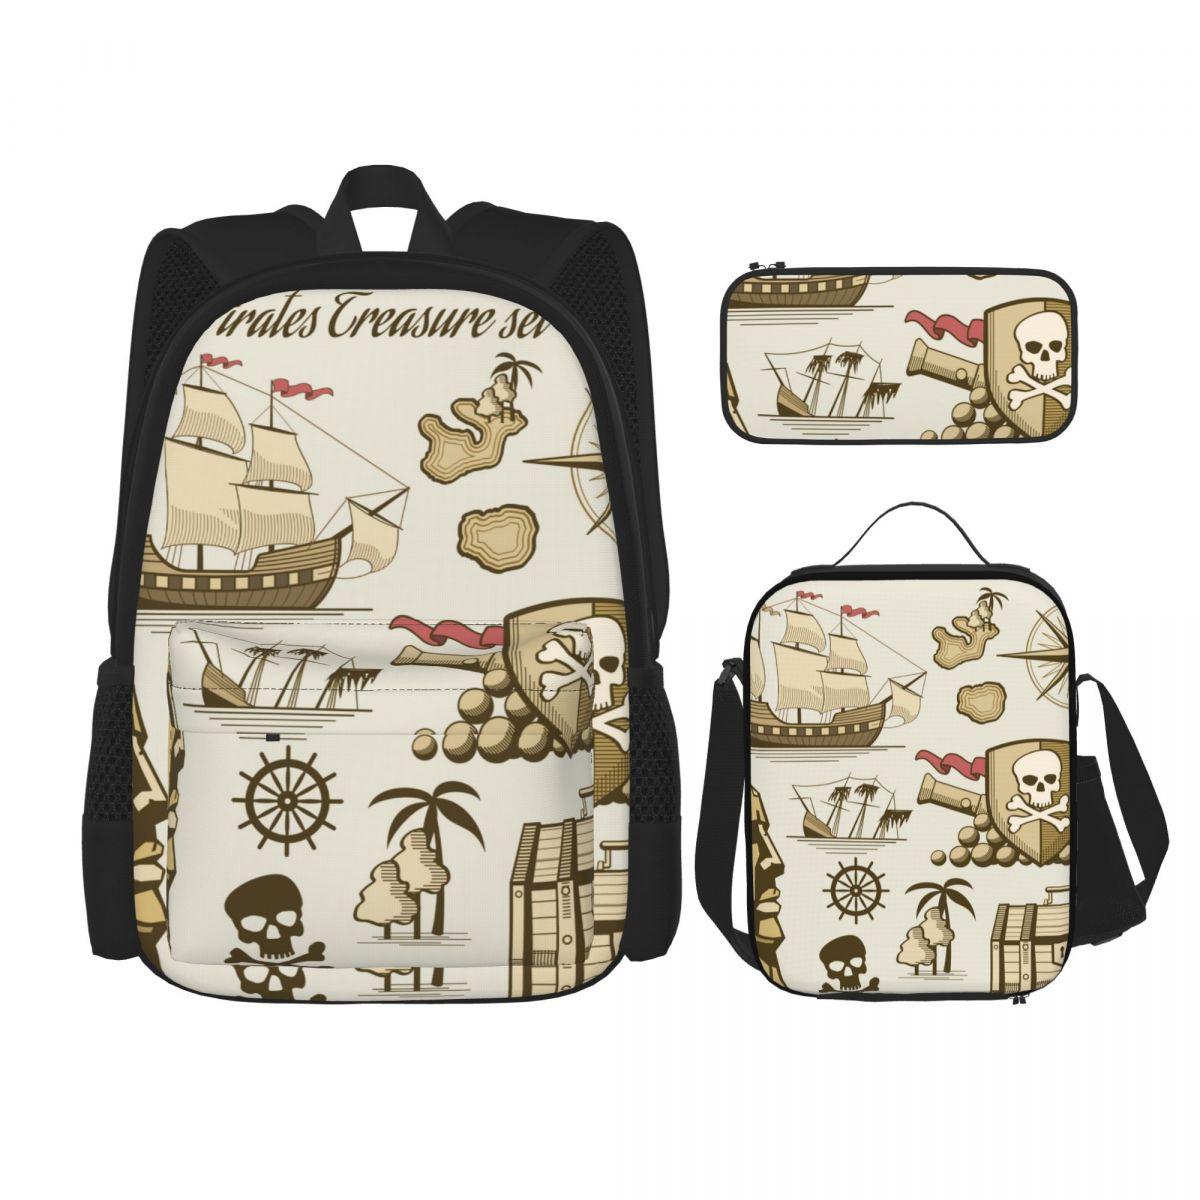 3 مجموعة على ظهره 2021 القراصنة مدفع الجمجمة البحر السفينة على ظهره حقائب كتف حقيبة مدرسية Mochilas حقيبة ظهر الطالب